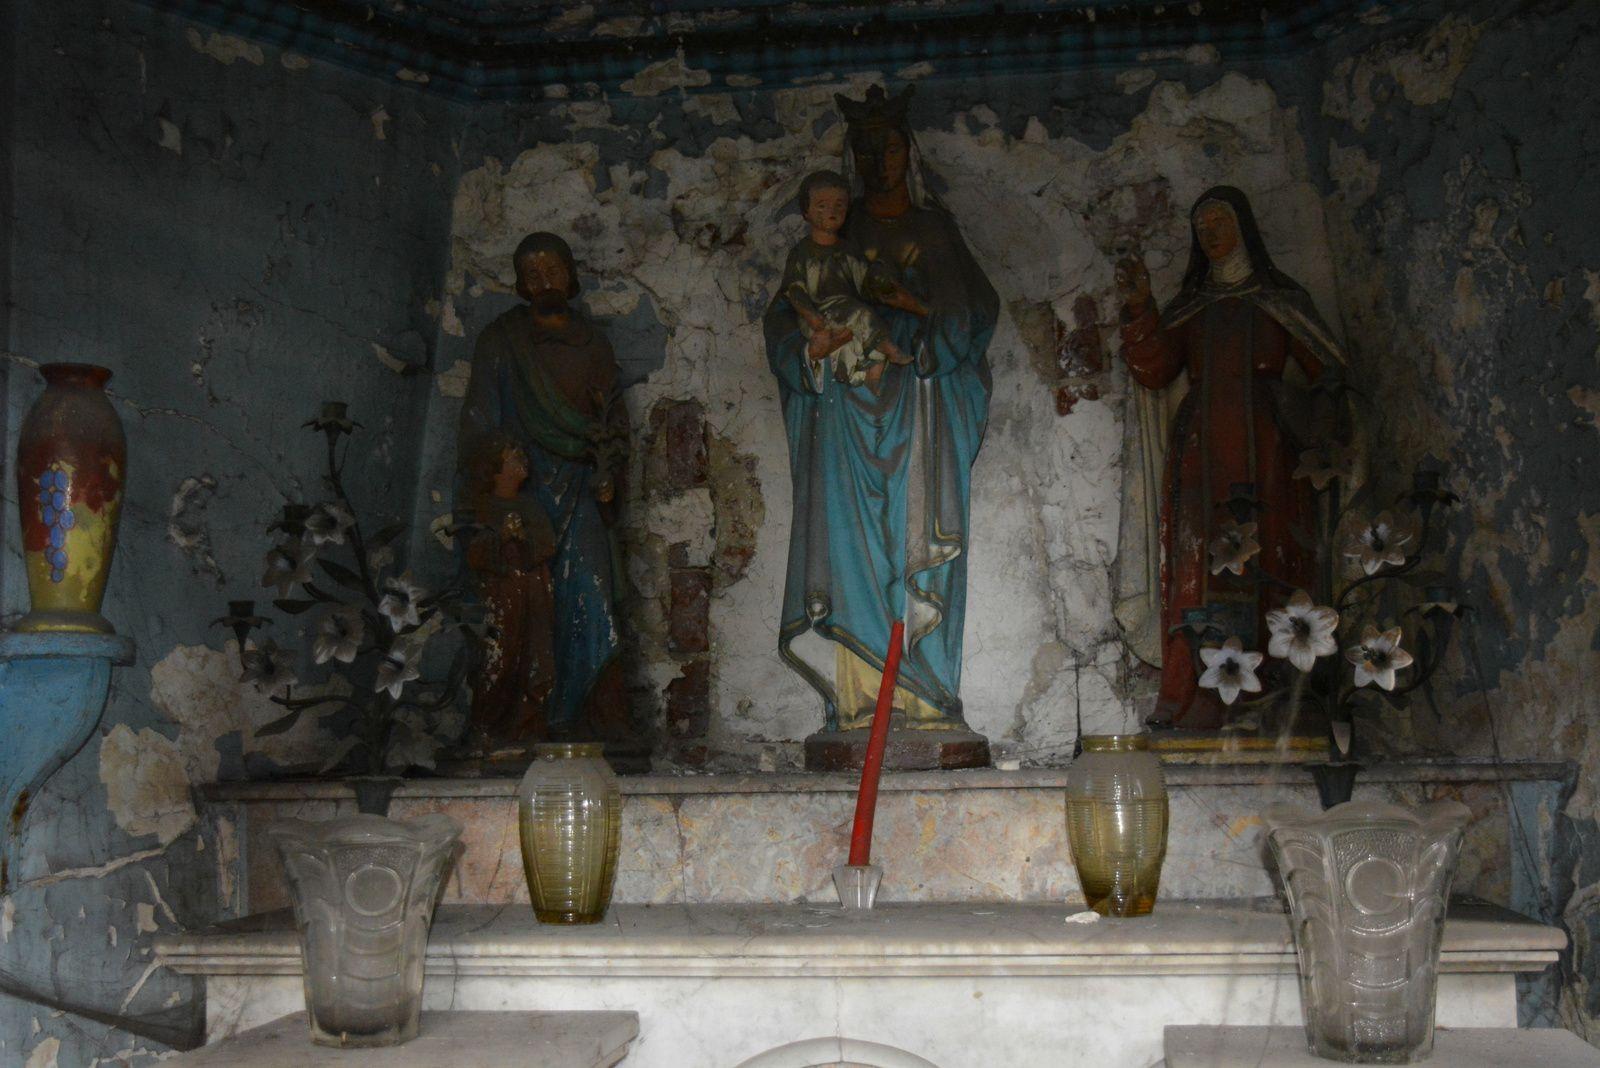 La chapelle Notre-Dame-de-Bon-Secours à Aniche - Photos : MG, 7 février 2016.